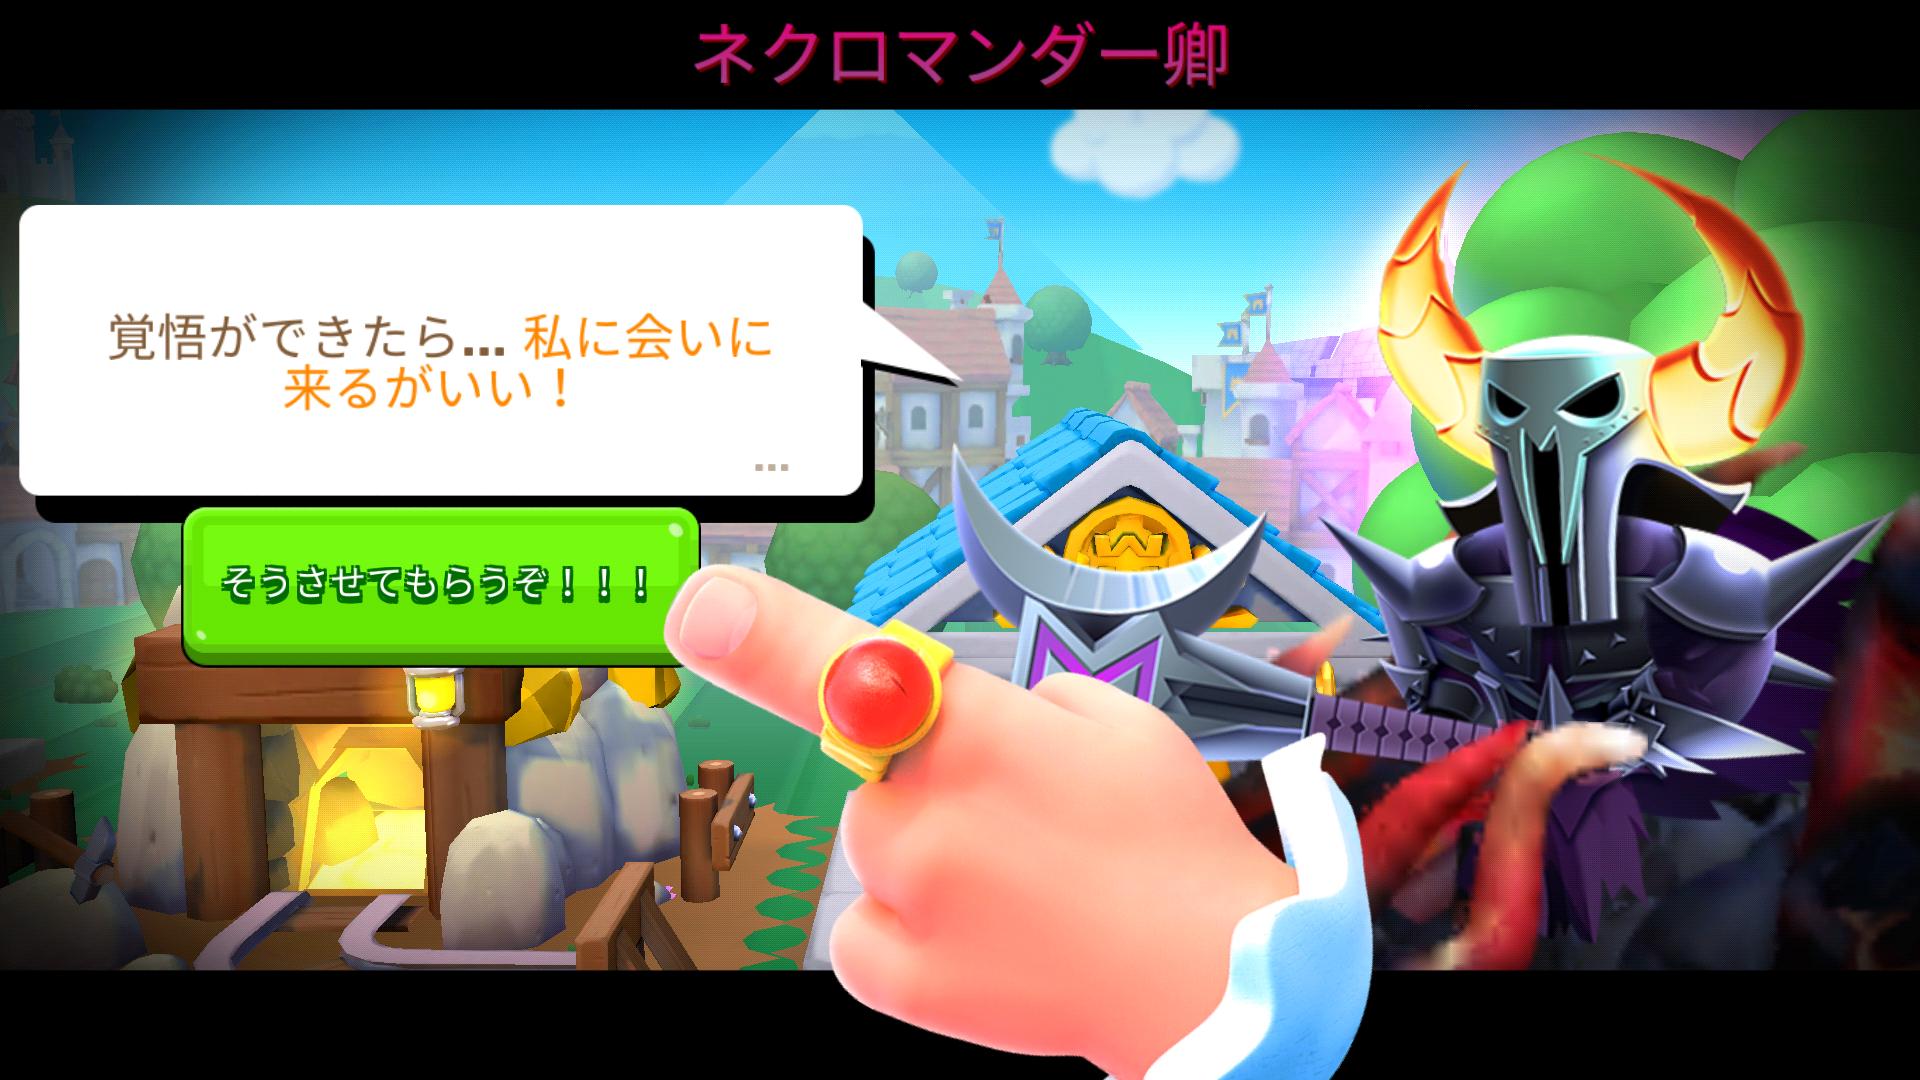 androidアプリ モンスター&コマンダー(Monster & Commander)攻略スクリーンショット1